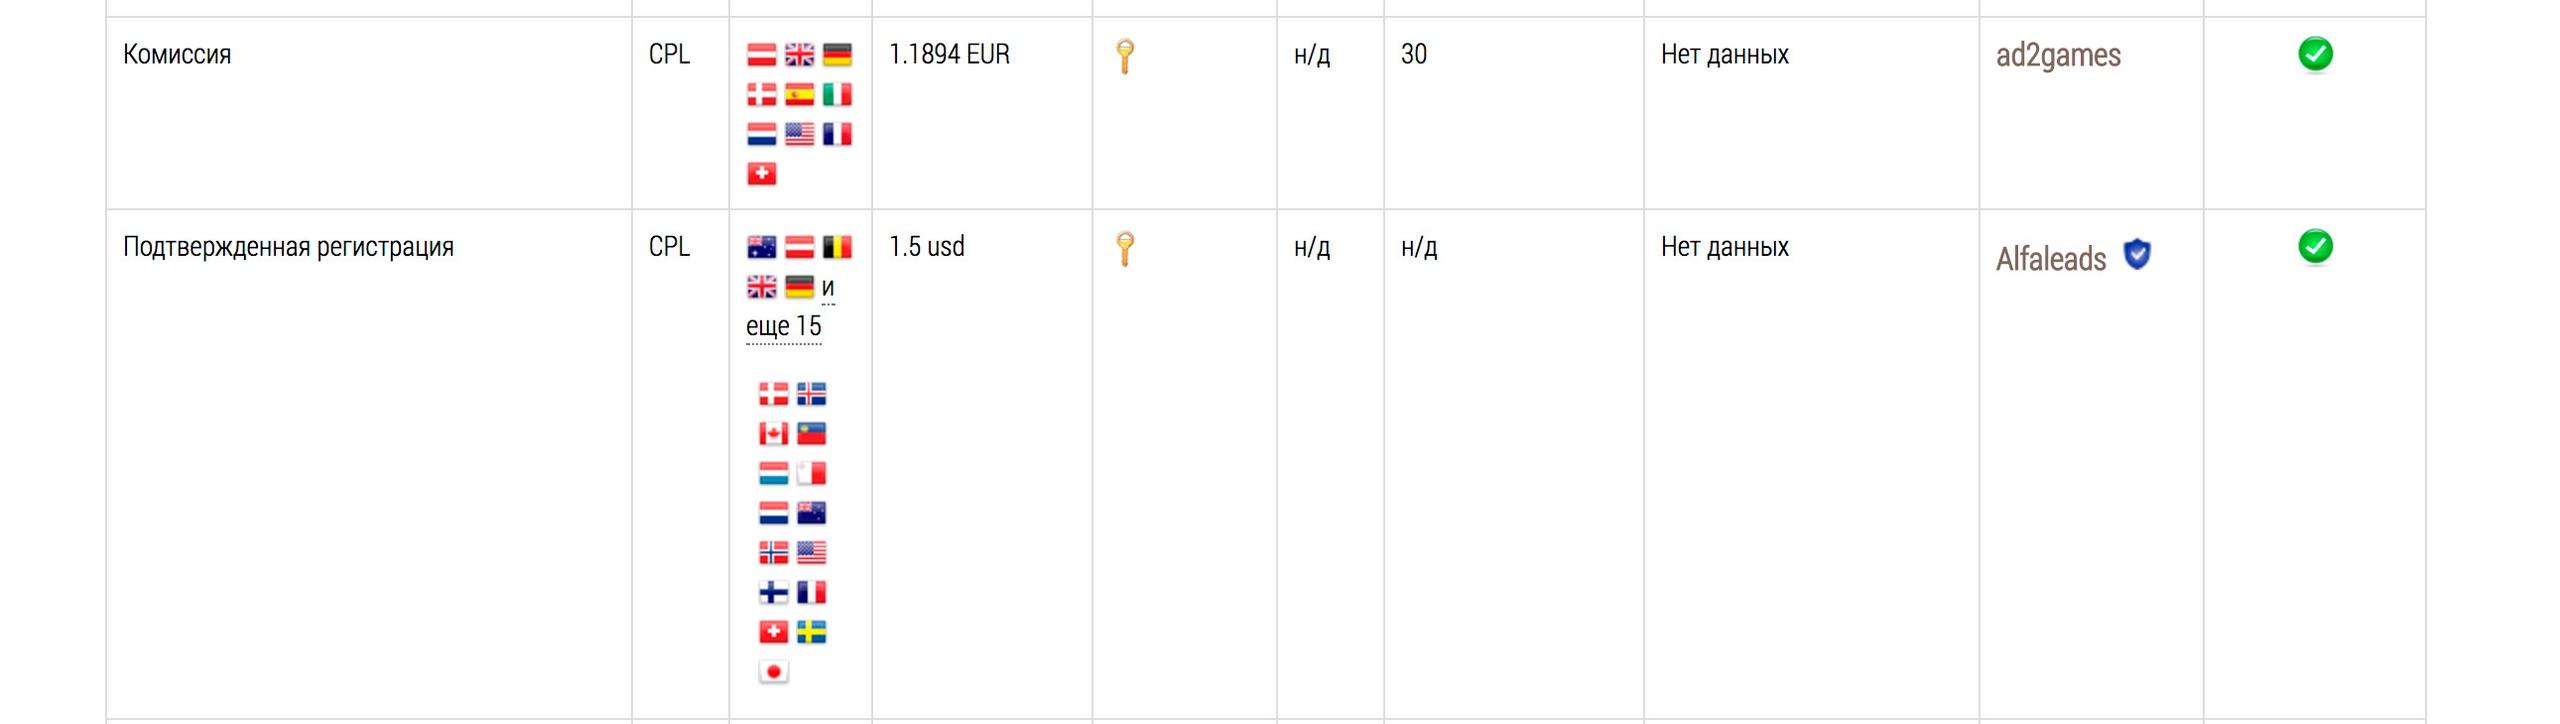 Кейс: 128664 руб. чистыми, на адалтовой онлайн-игре, за неделю!